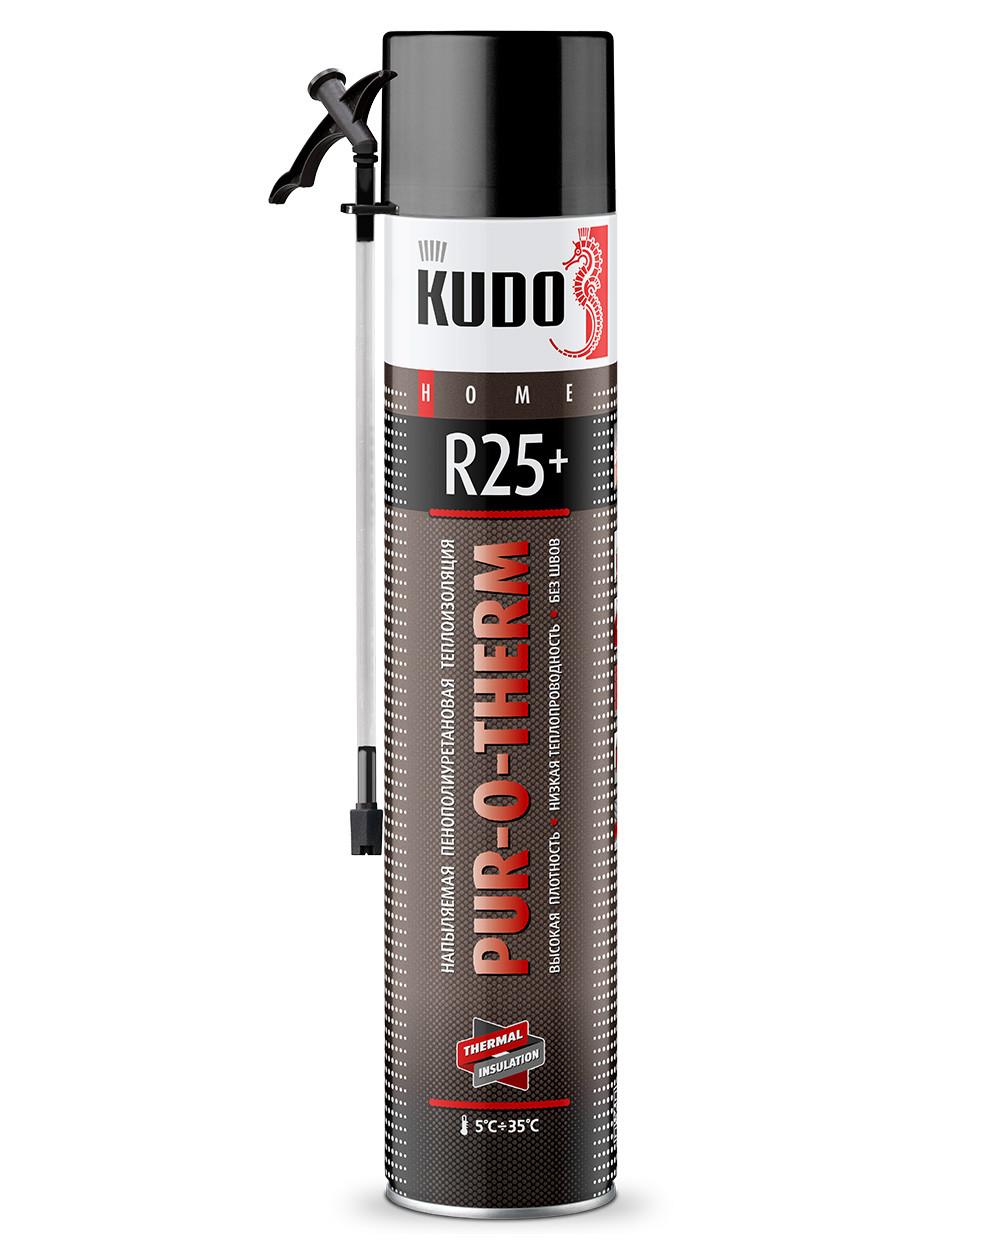 Пенополиуретановая теплоизоляция KUDO (Кудо) PUR-O-THERM R25+ Повышенная плотность. Купить в Киеве